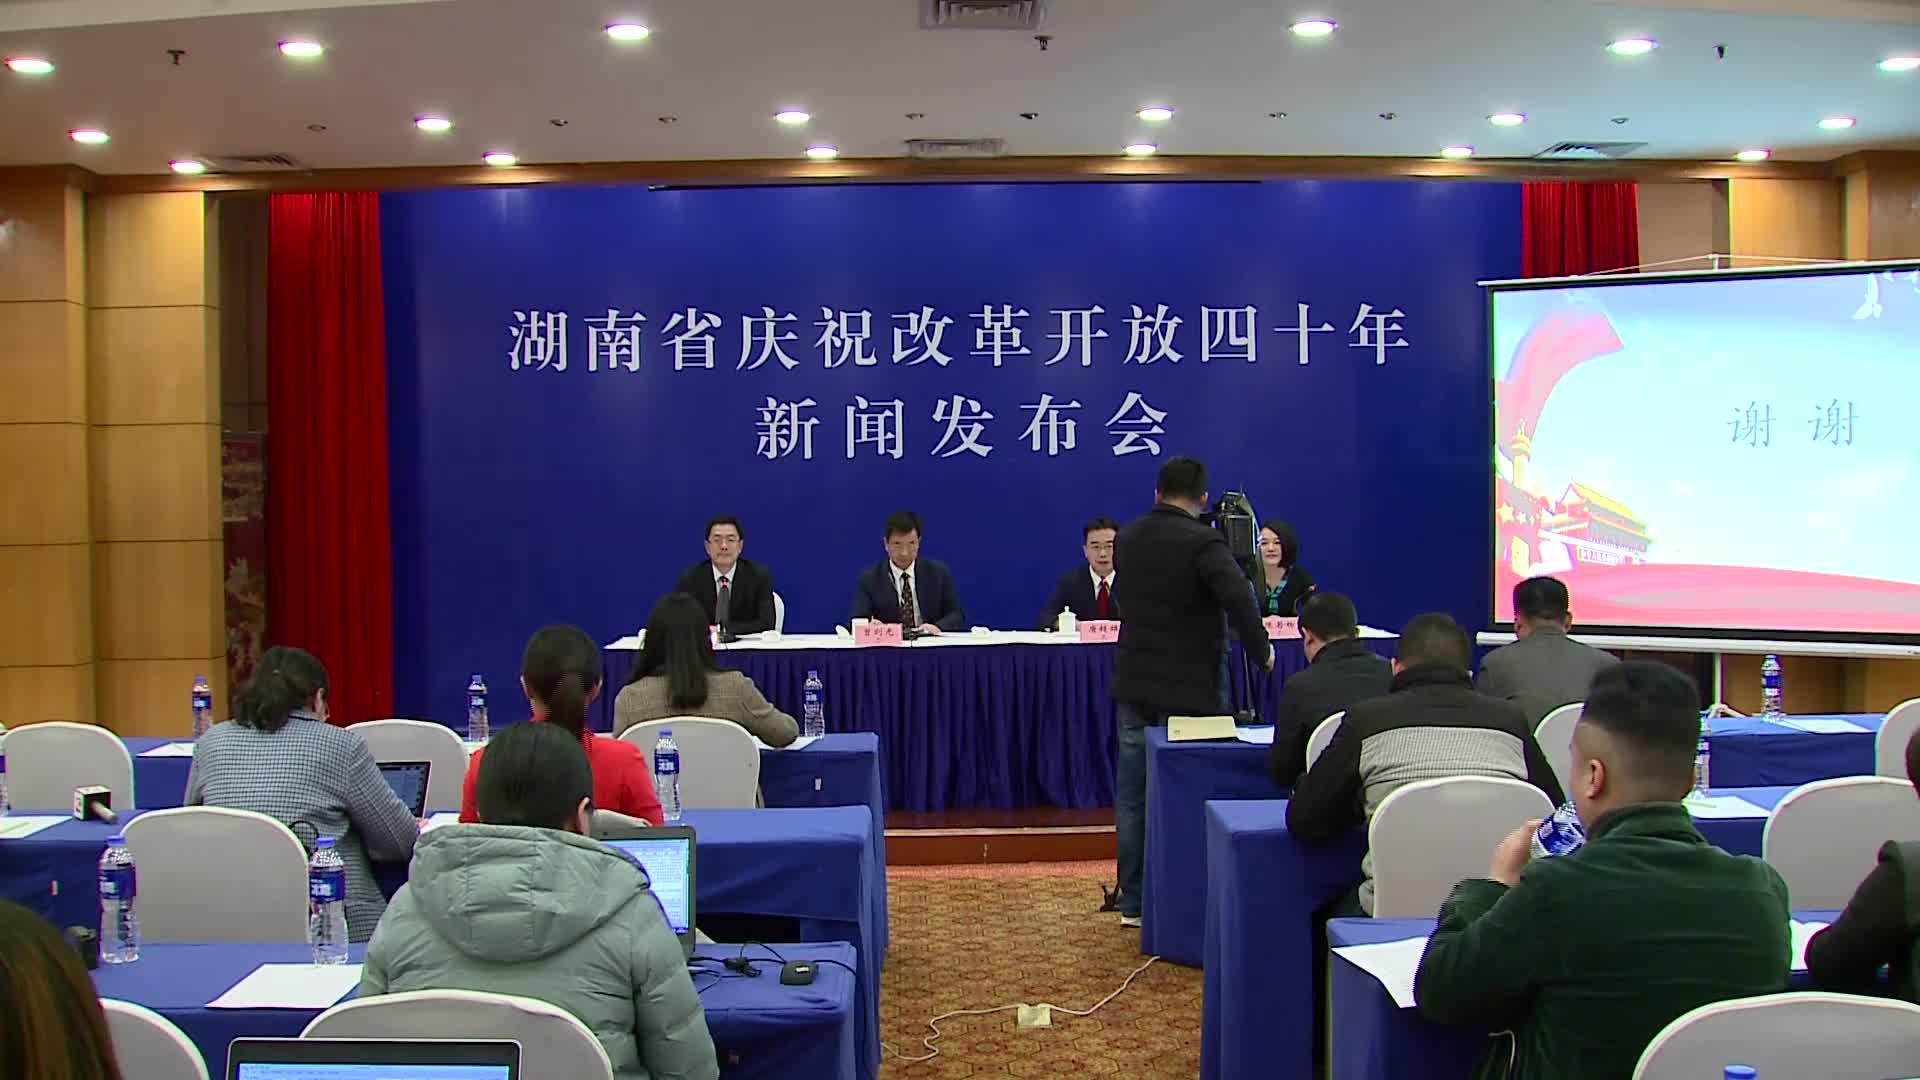 【全程回放】湖南省庆祝改革开放四十年系列新闻发布会:全面深化改革工作成就